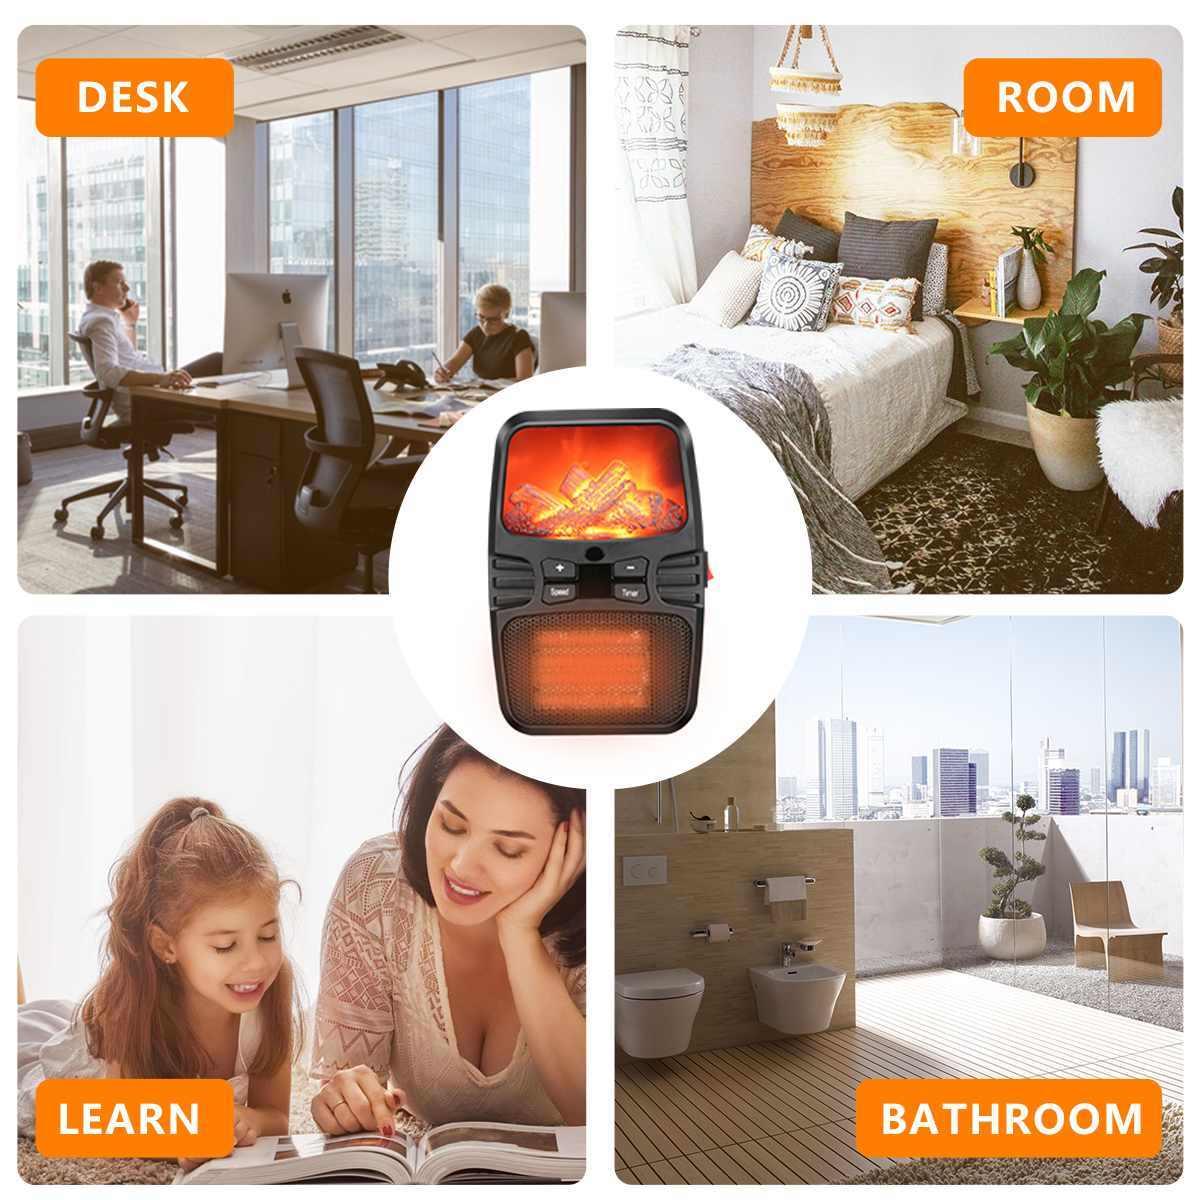 1000W الكهربائية سخان مروحة صغيرة سطح المكتب المنزلية الموقد لهب الموقت ترموستات التحكم عن بعد مكواة شعر بمعامل درجة الحرارة الإيجابي مروحة آلة تدفئة